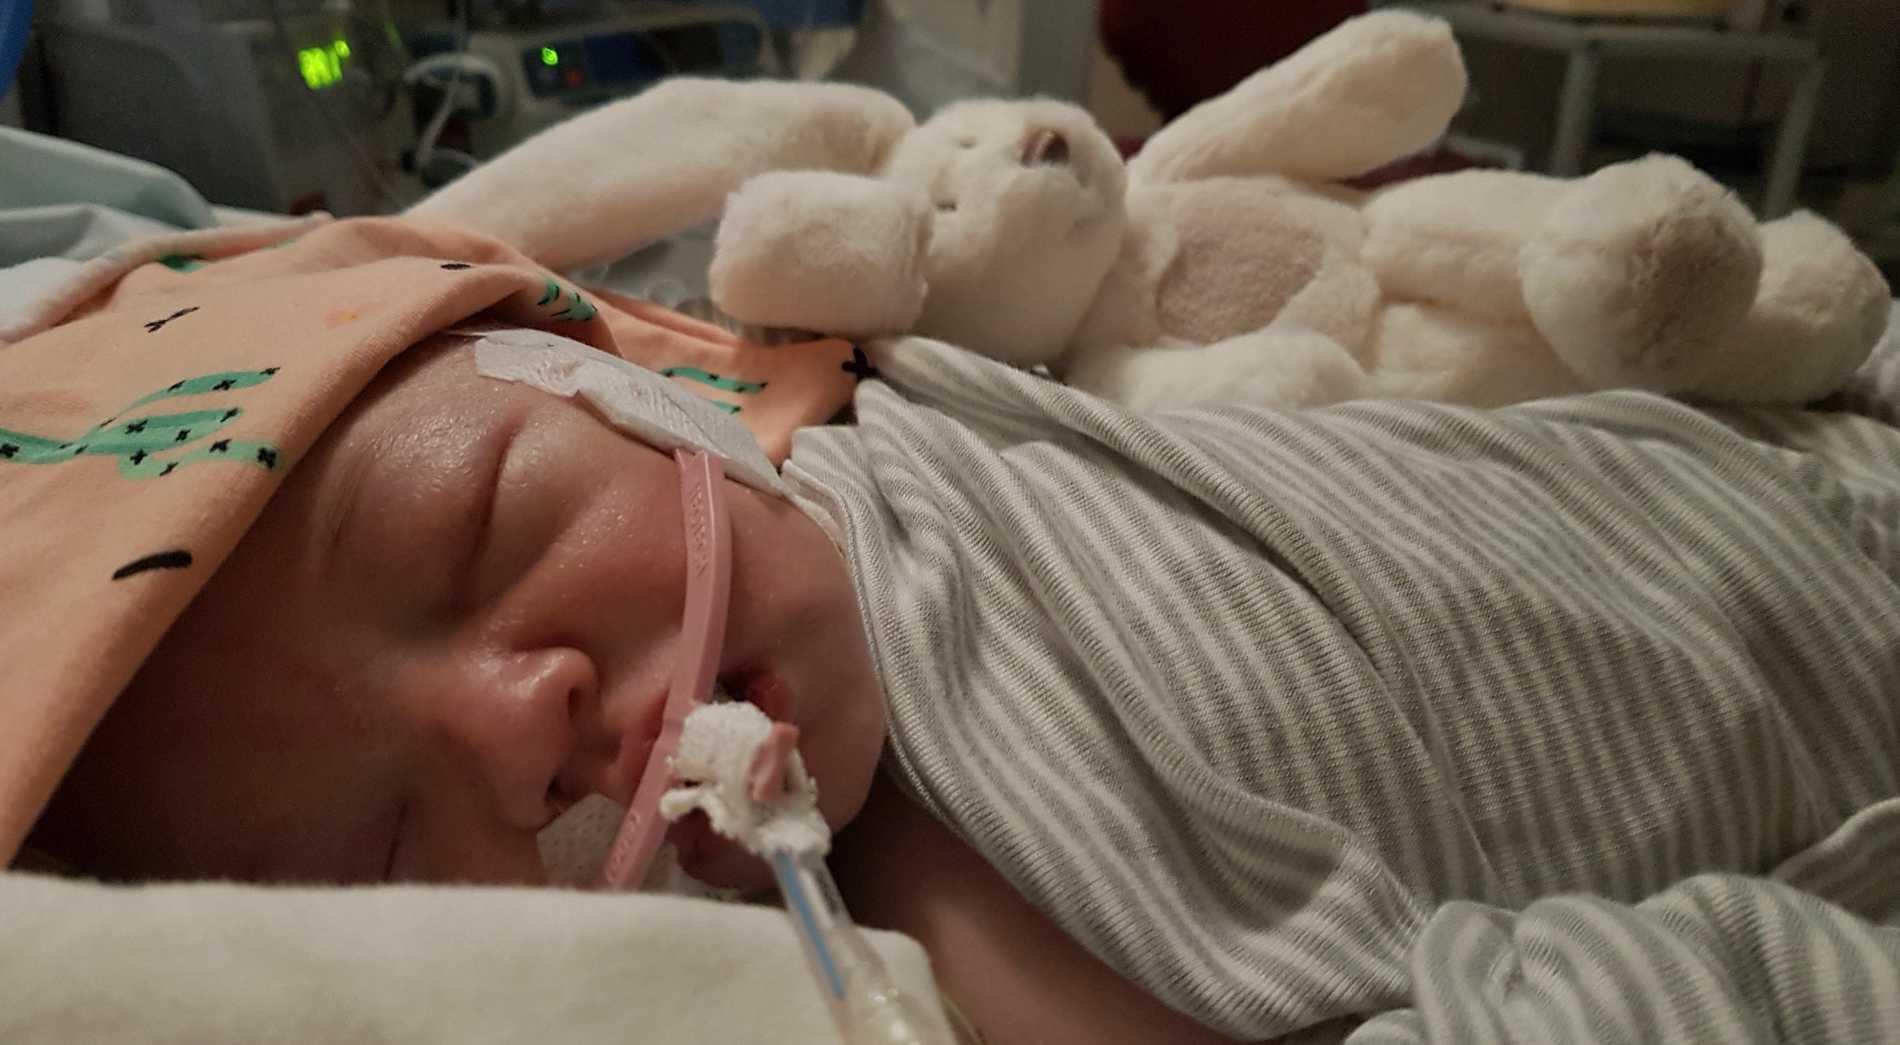 Henrys kropp kyldes ned efter förlossningen.